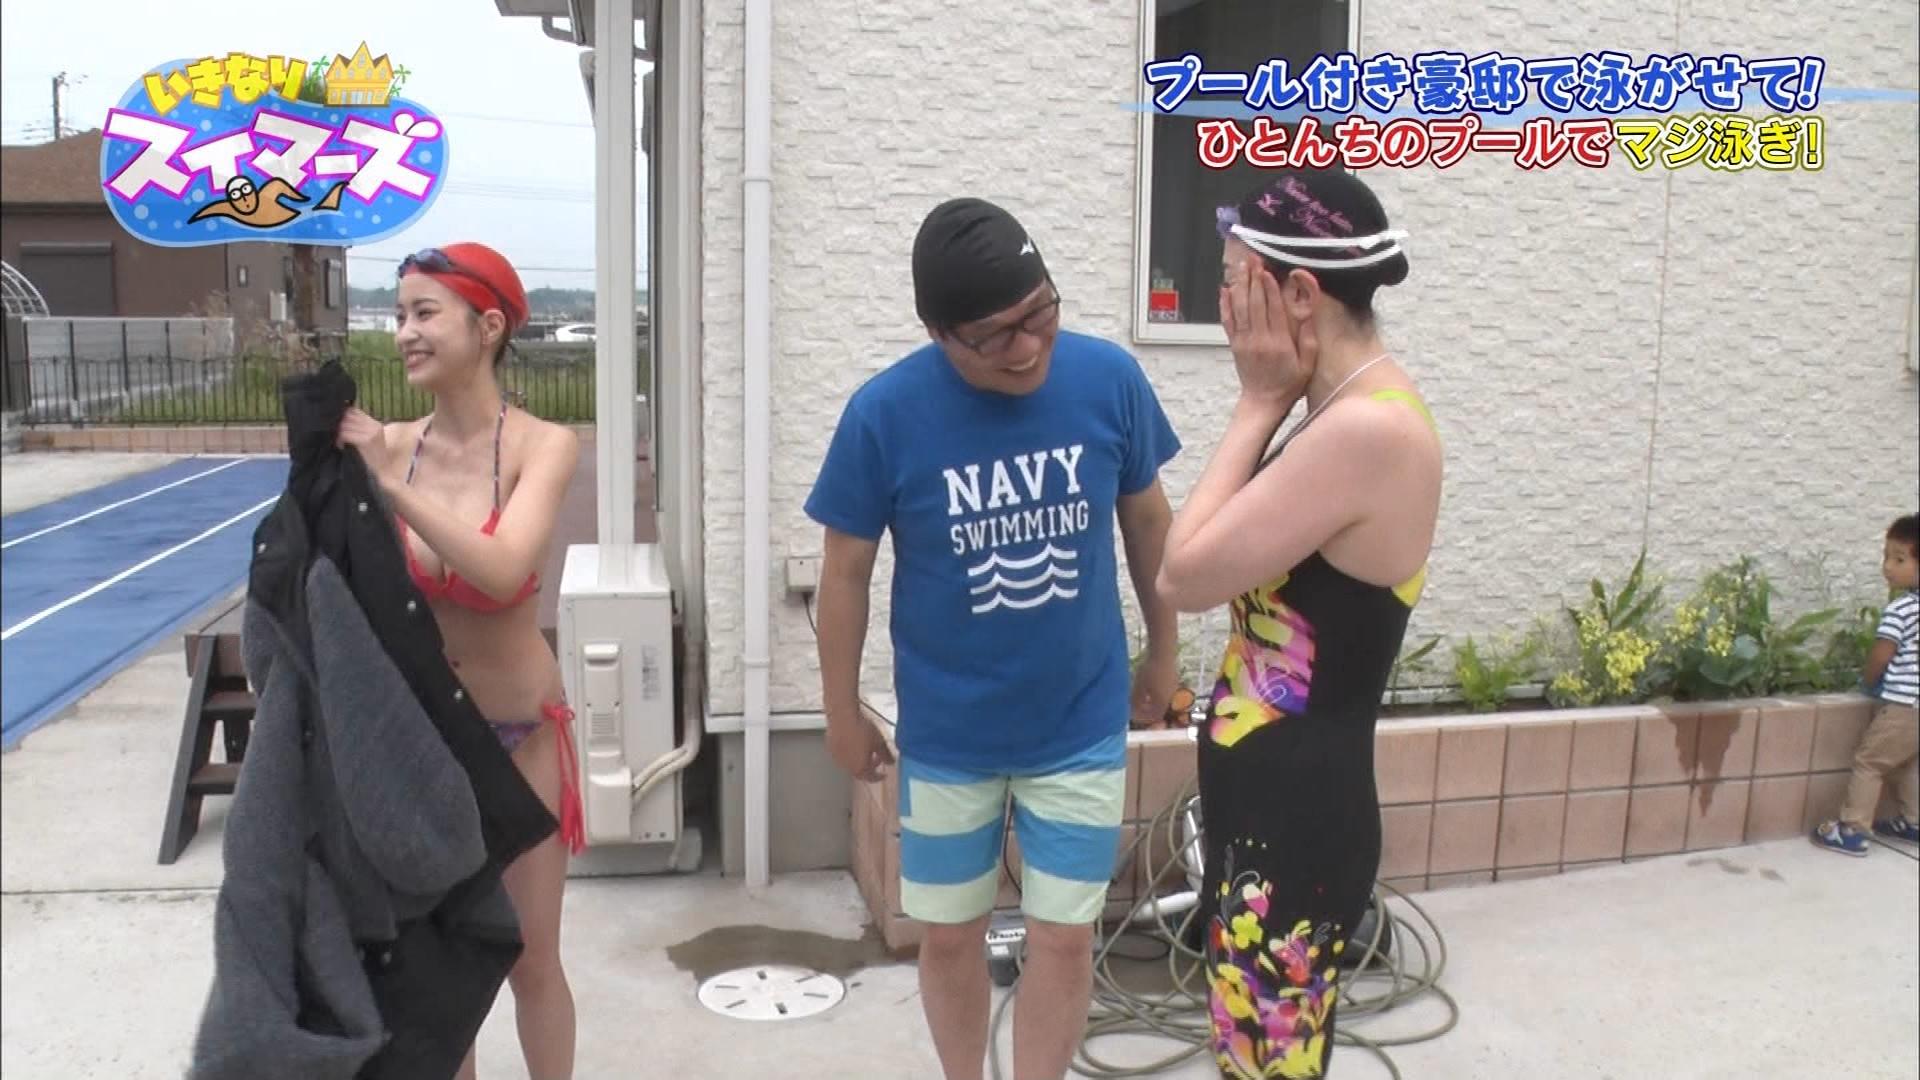 岸明日香_Gカップ_ビキニ水着_テレビキャプ画像_11